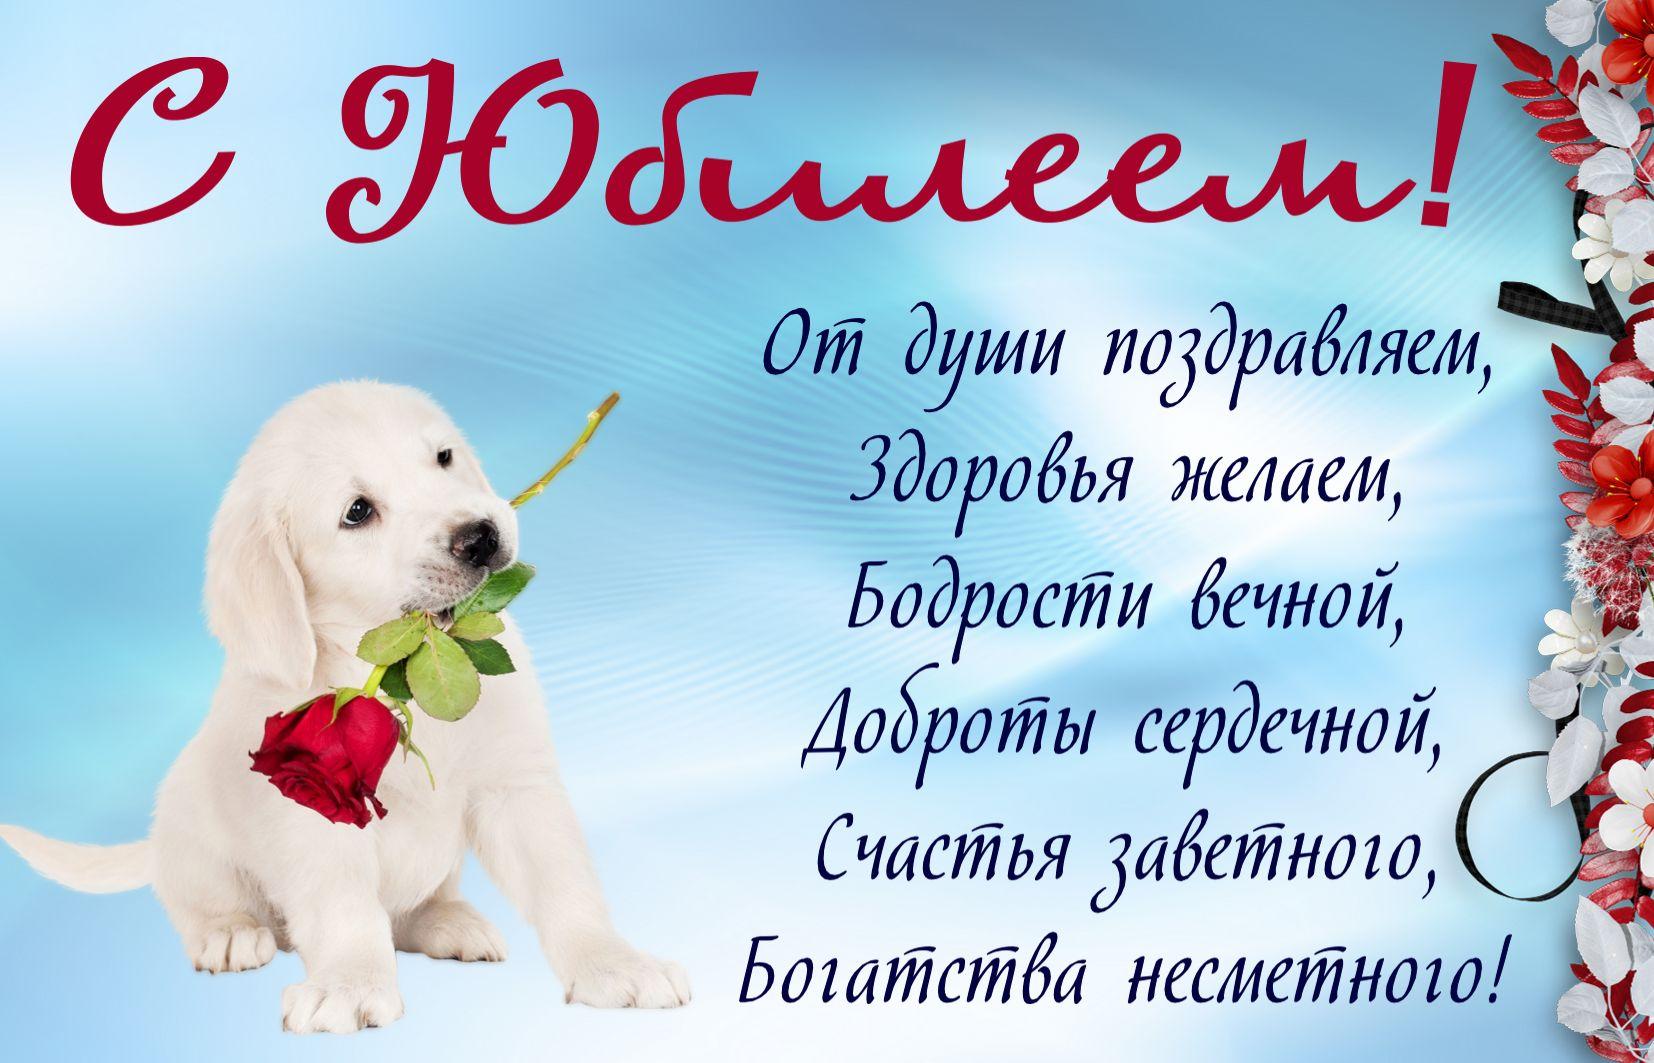 Красивые поздравления с днем рождения с картинками собак, картинки поздравление папе